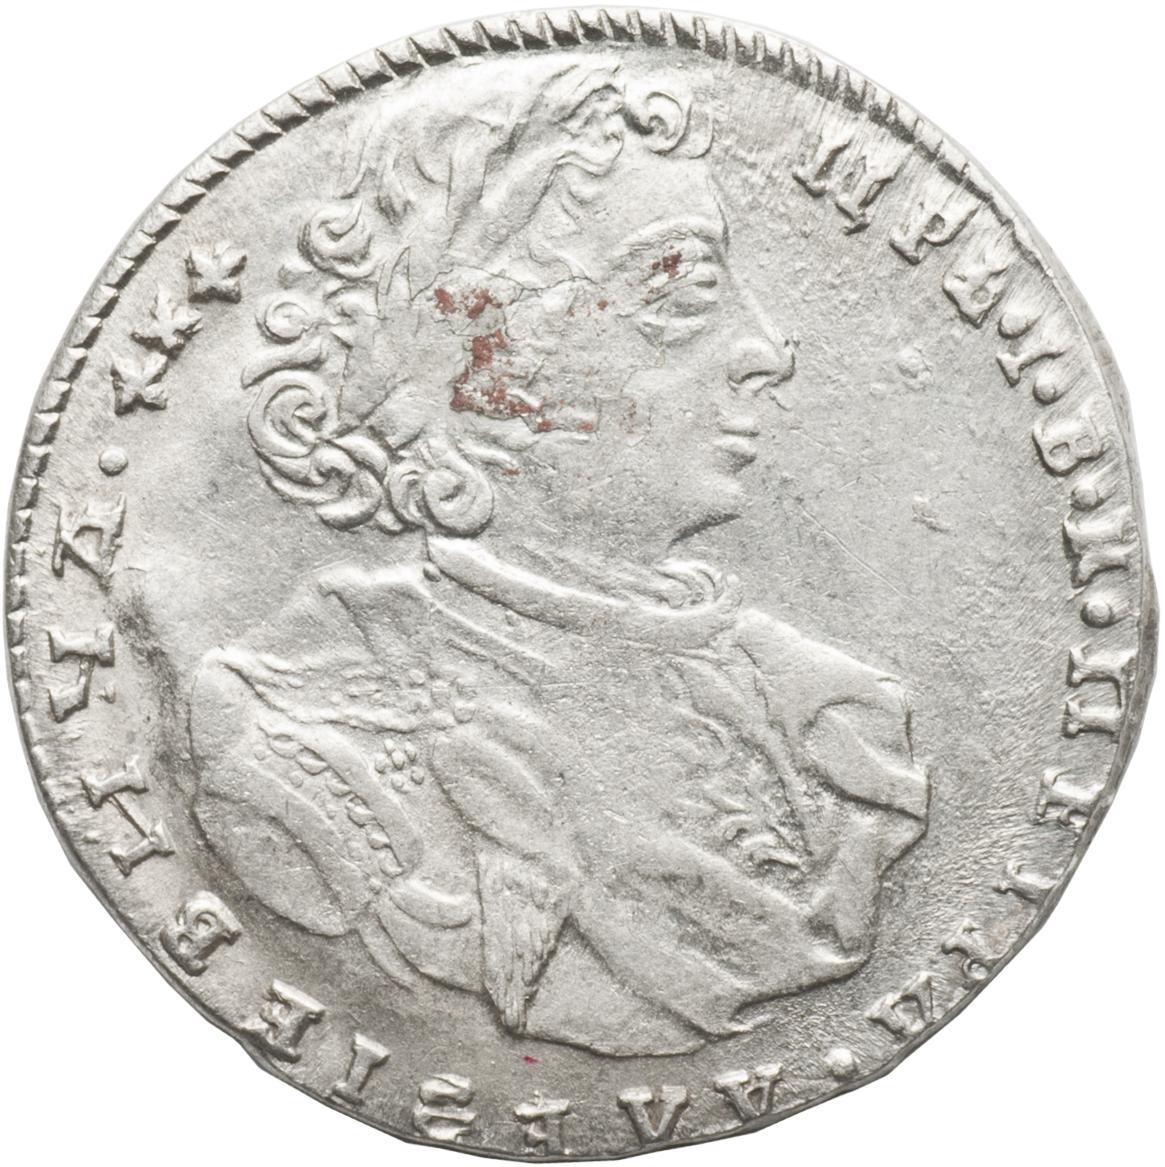 Тинф 1709 г. IL L. Для Речи Посполитой (Петр I).